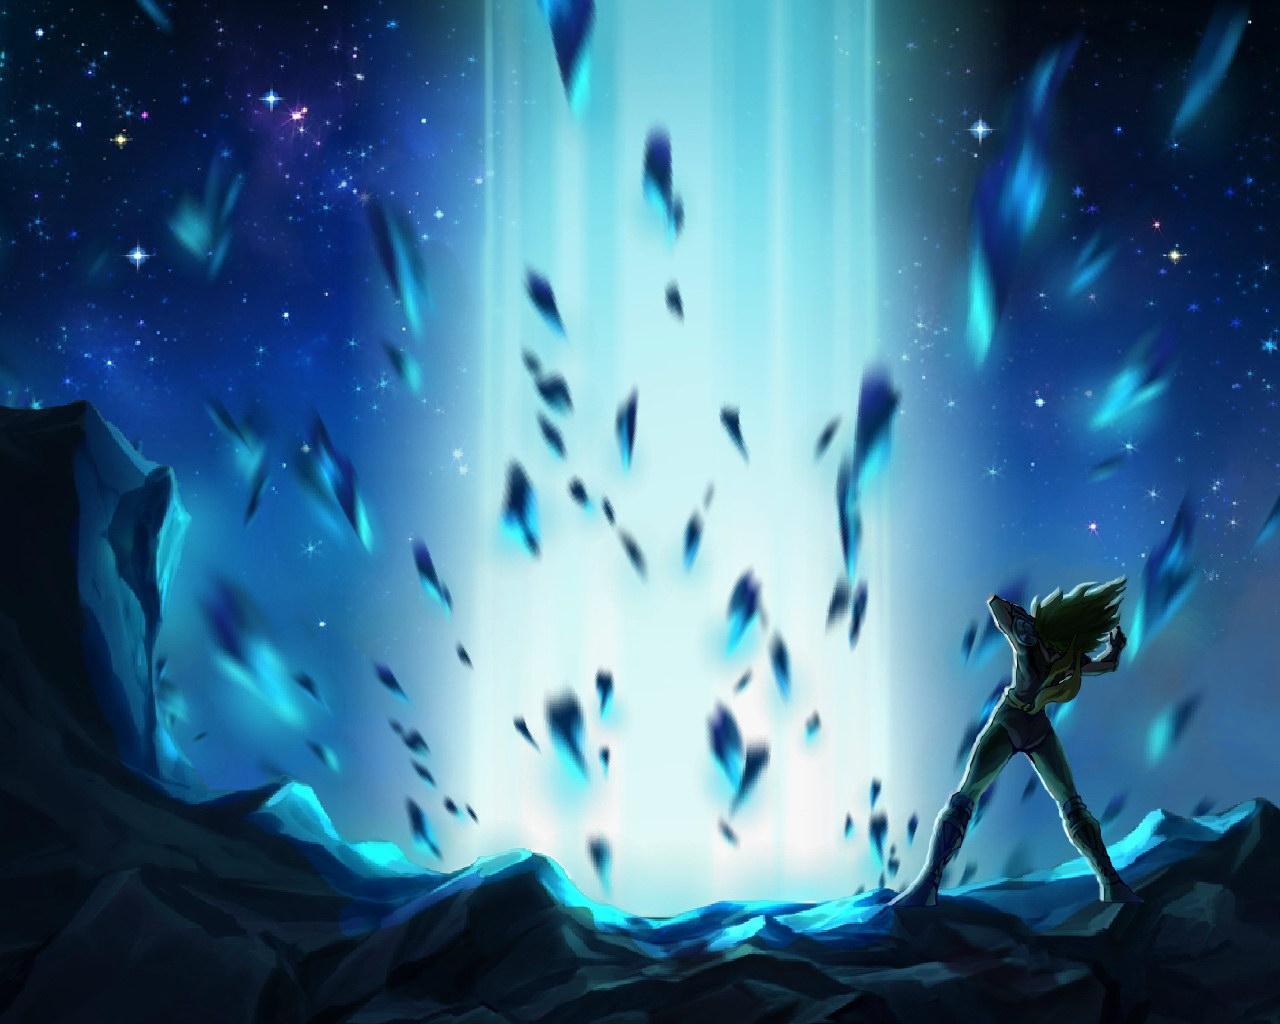 图片: 图1:爆发你的小宇宙 你不可限量.jpg